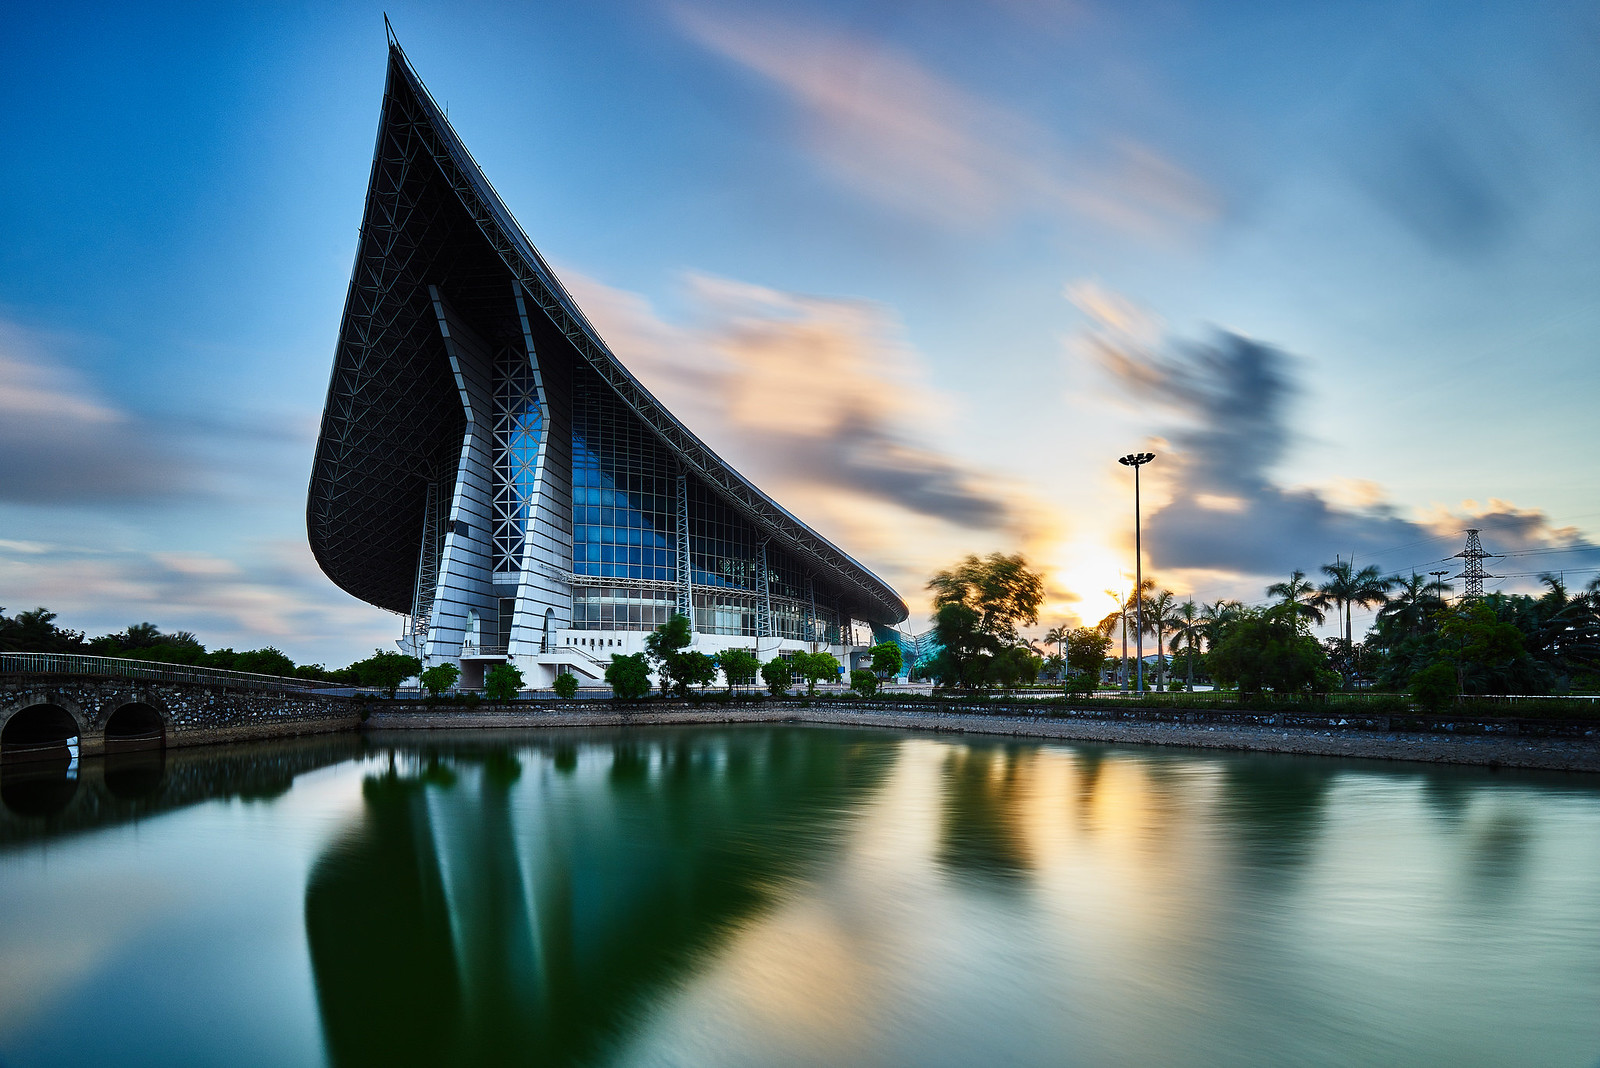 Nhà cánh diều- biểu tượng của thành phố Hải Phòng